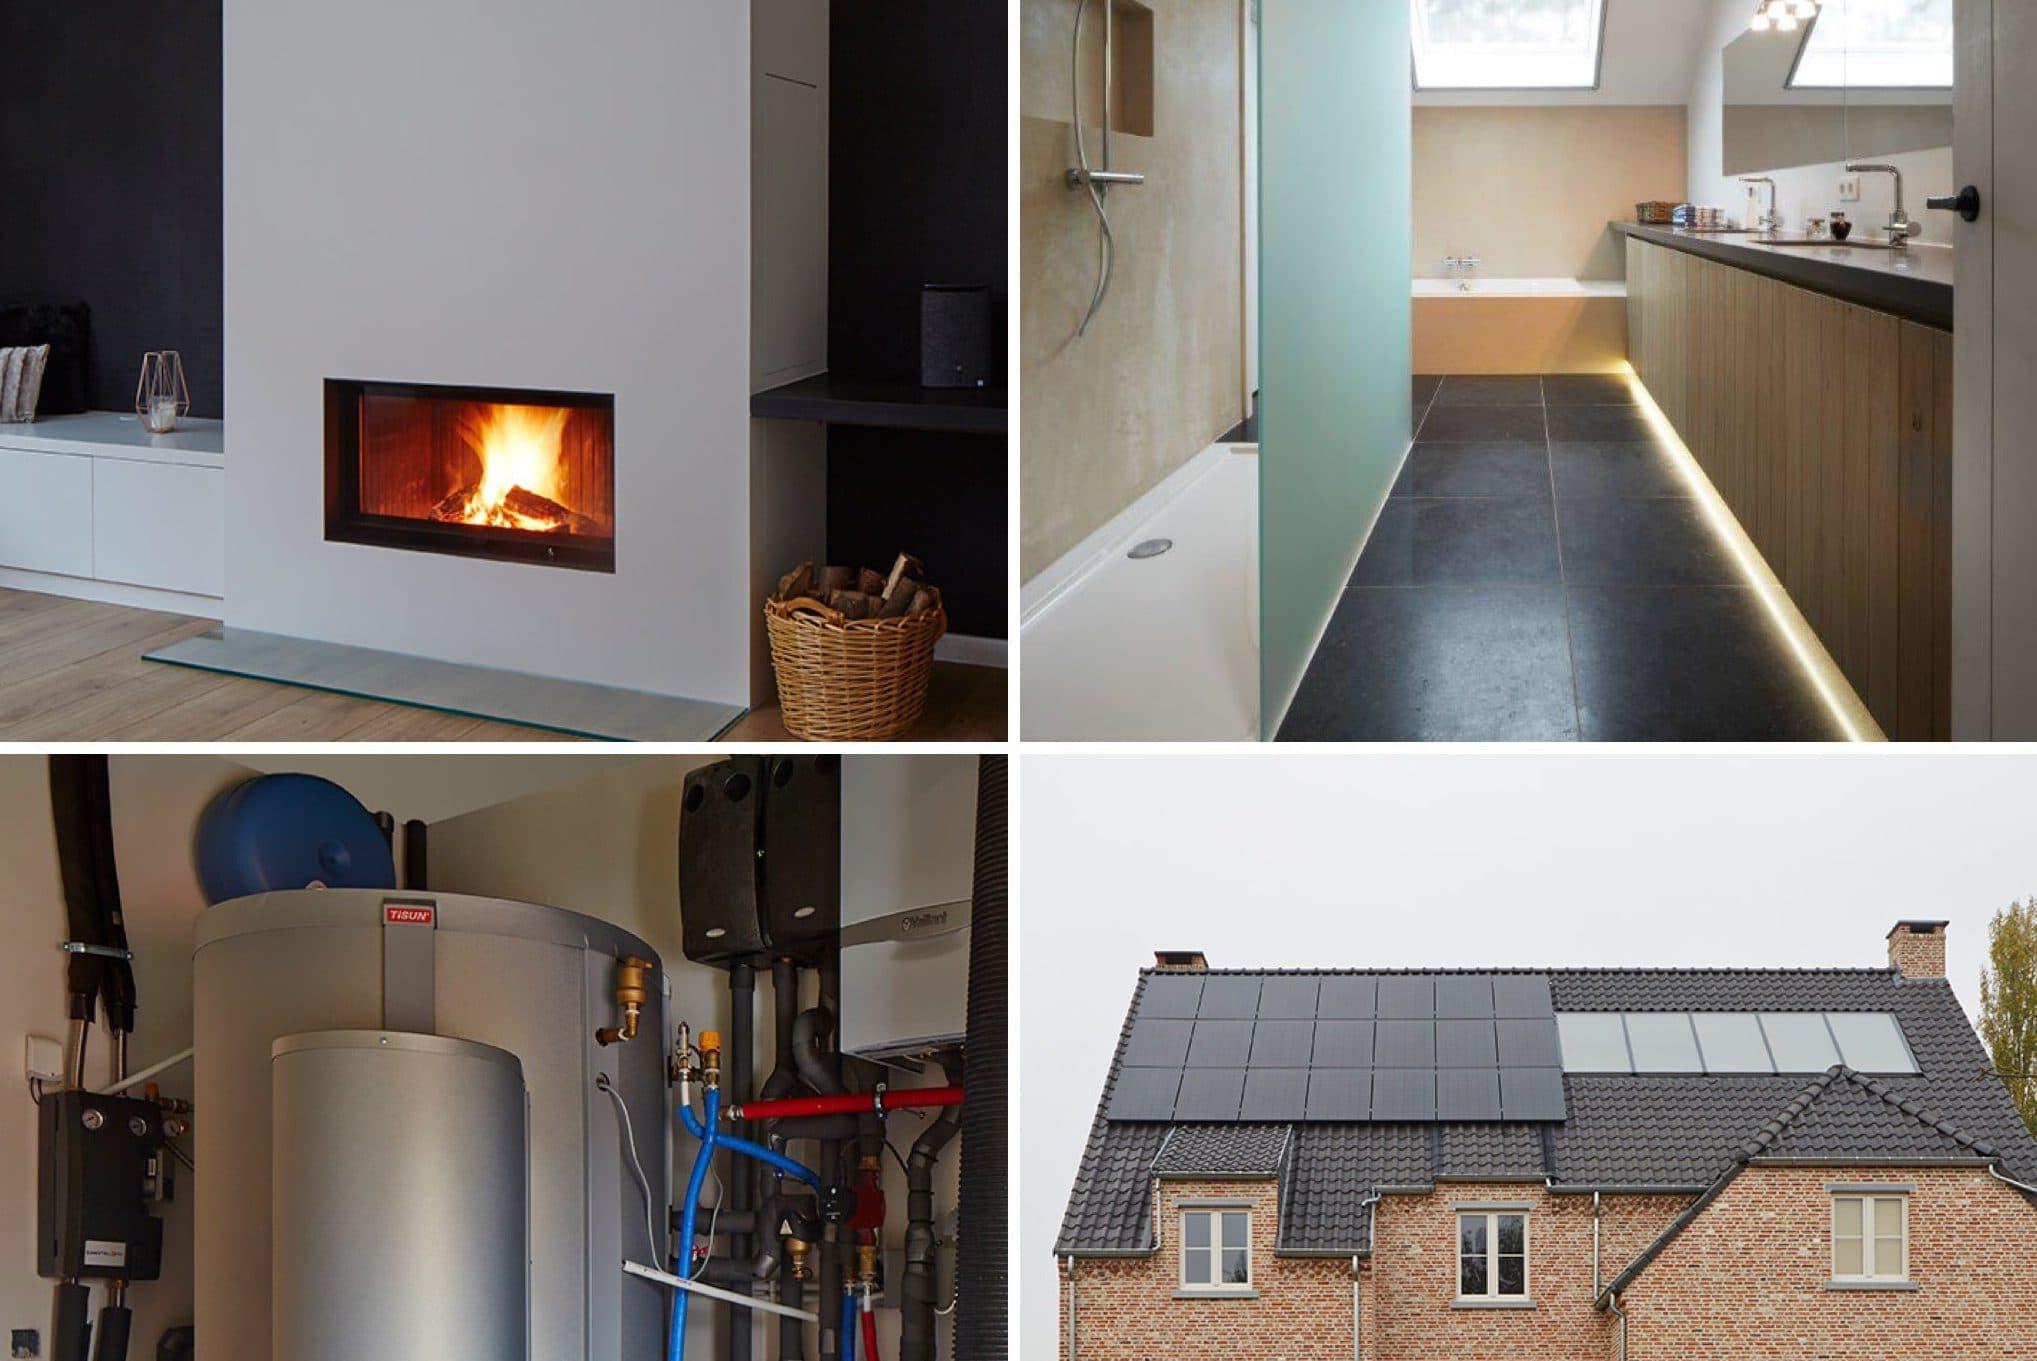 Ventilatie Badkamer Epb : De houthaard als hoofdverwarming positief voor het epb verslag